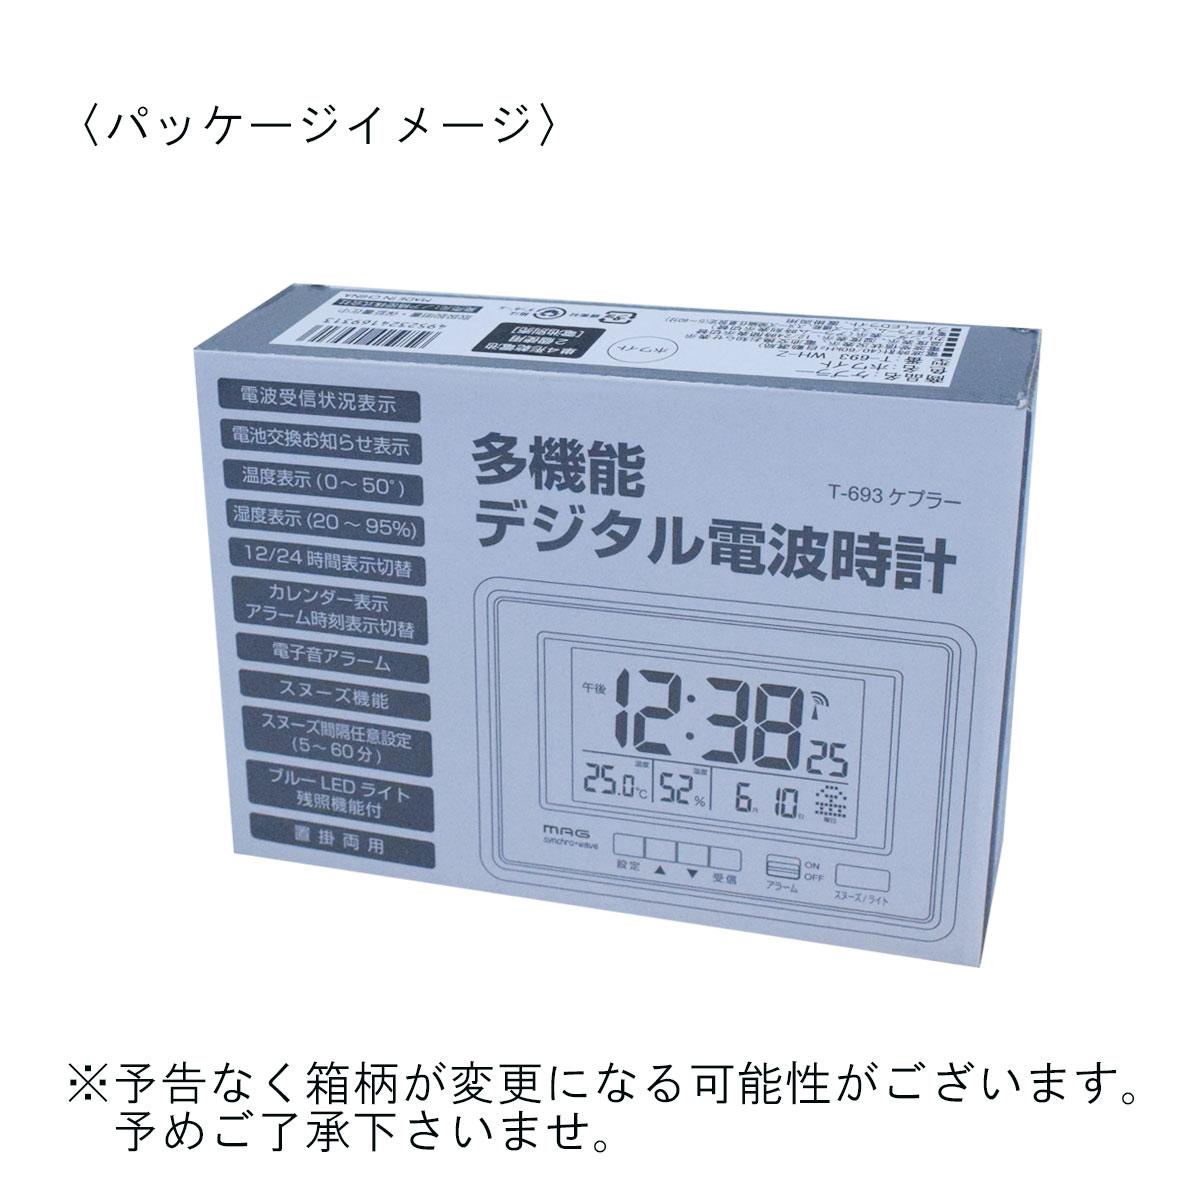 デジタル電波時計 ケプラー